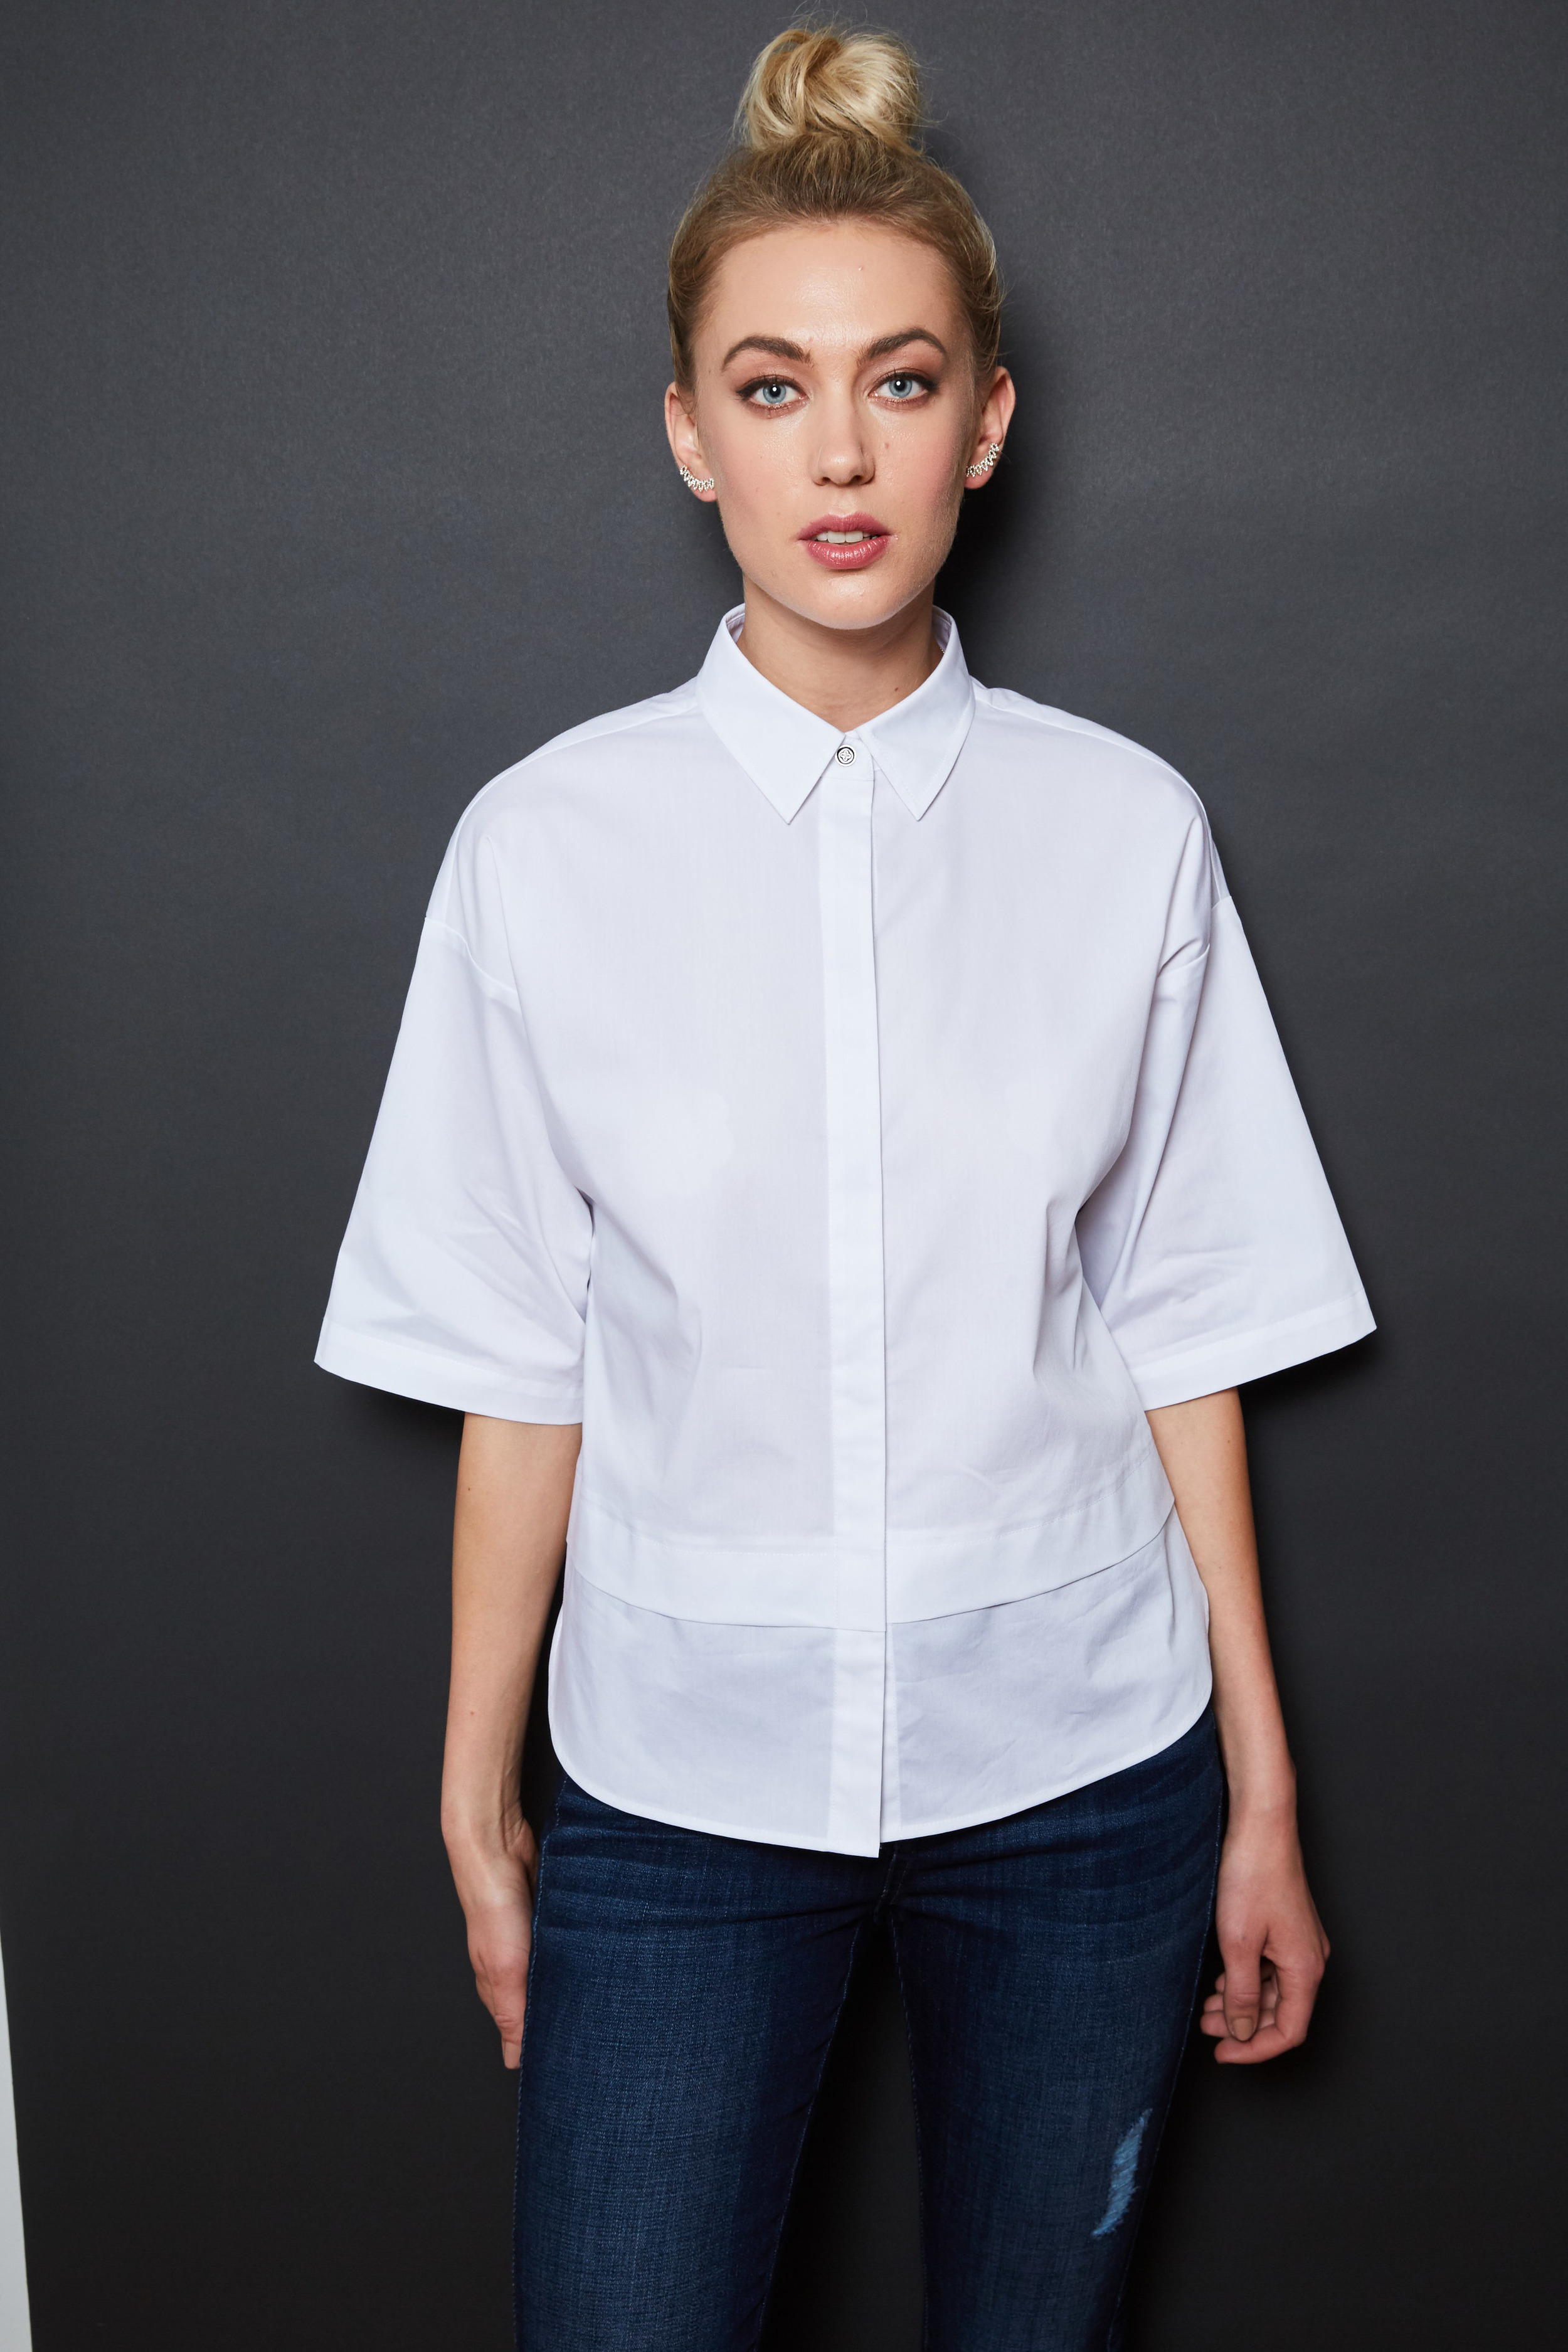 Nautica shirt, $98;  nautica.com . Levi's jeans, $36.99;  jcpenney.com . Bauble Bar ear crawlers, $34;  baublebar.com .